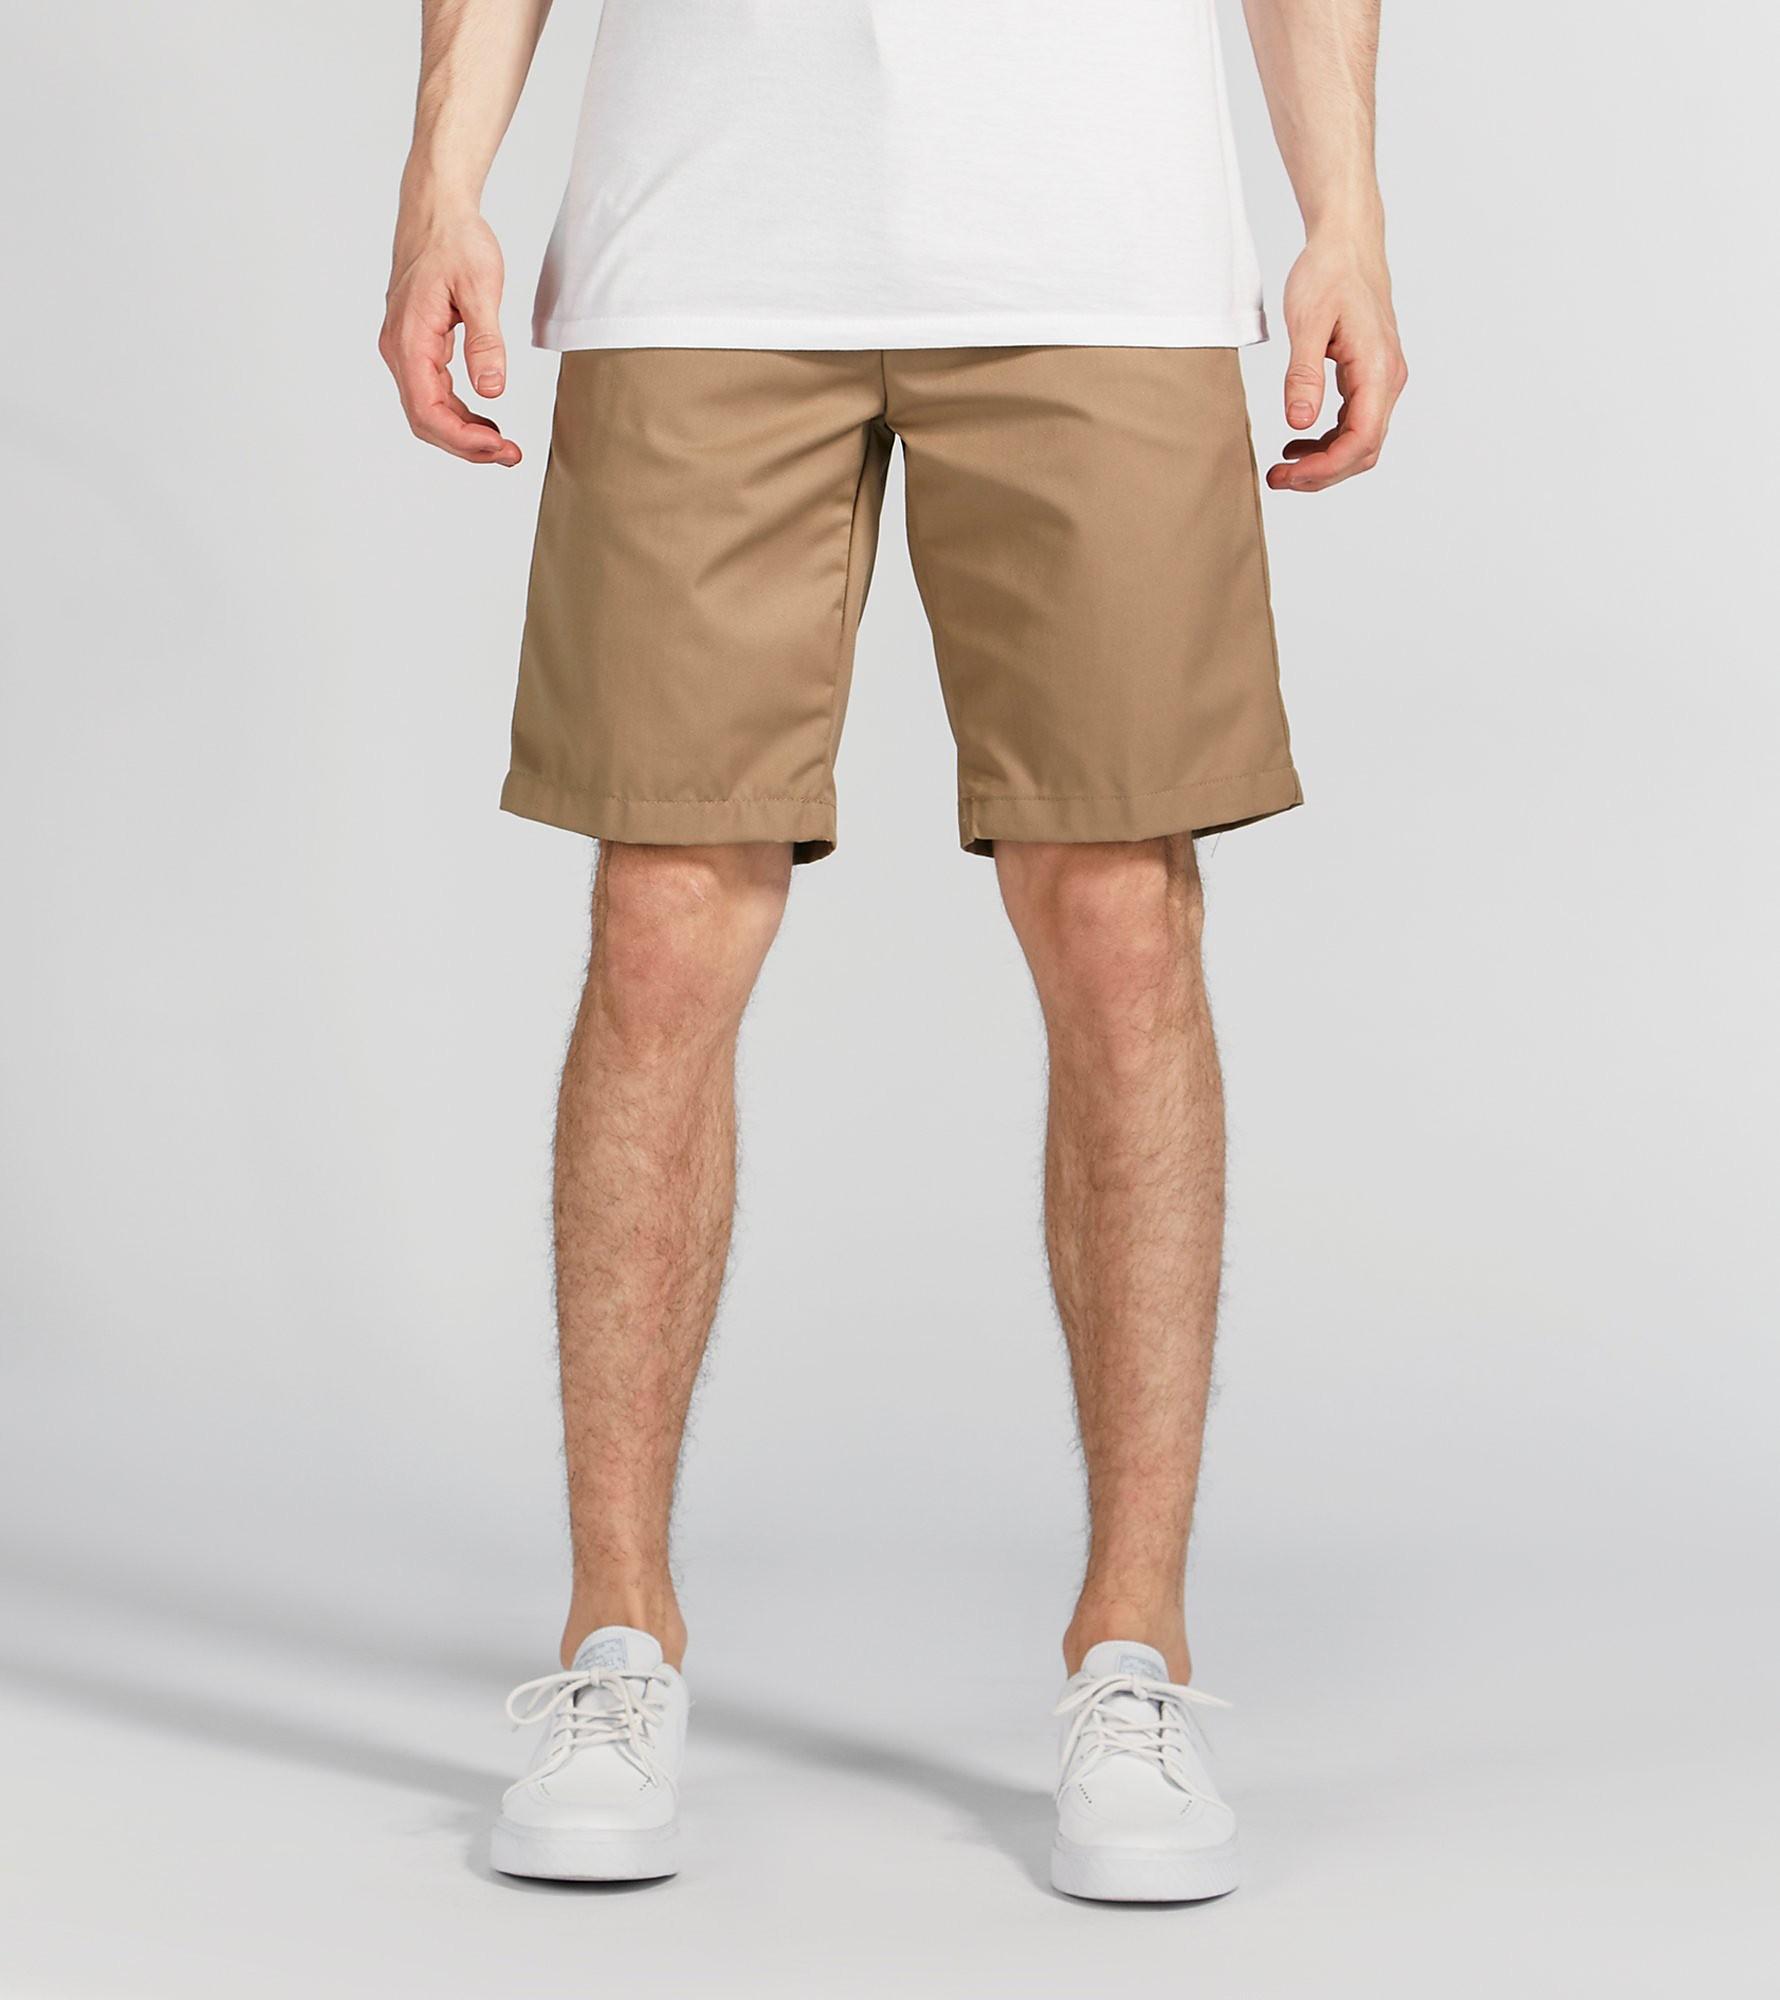 Edwin Union Shorts